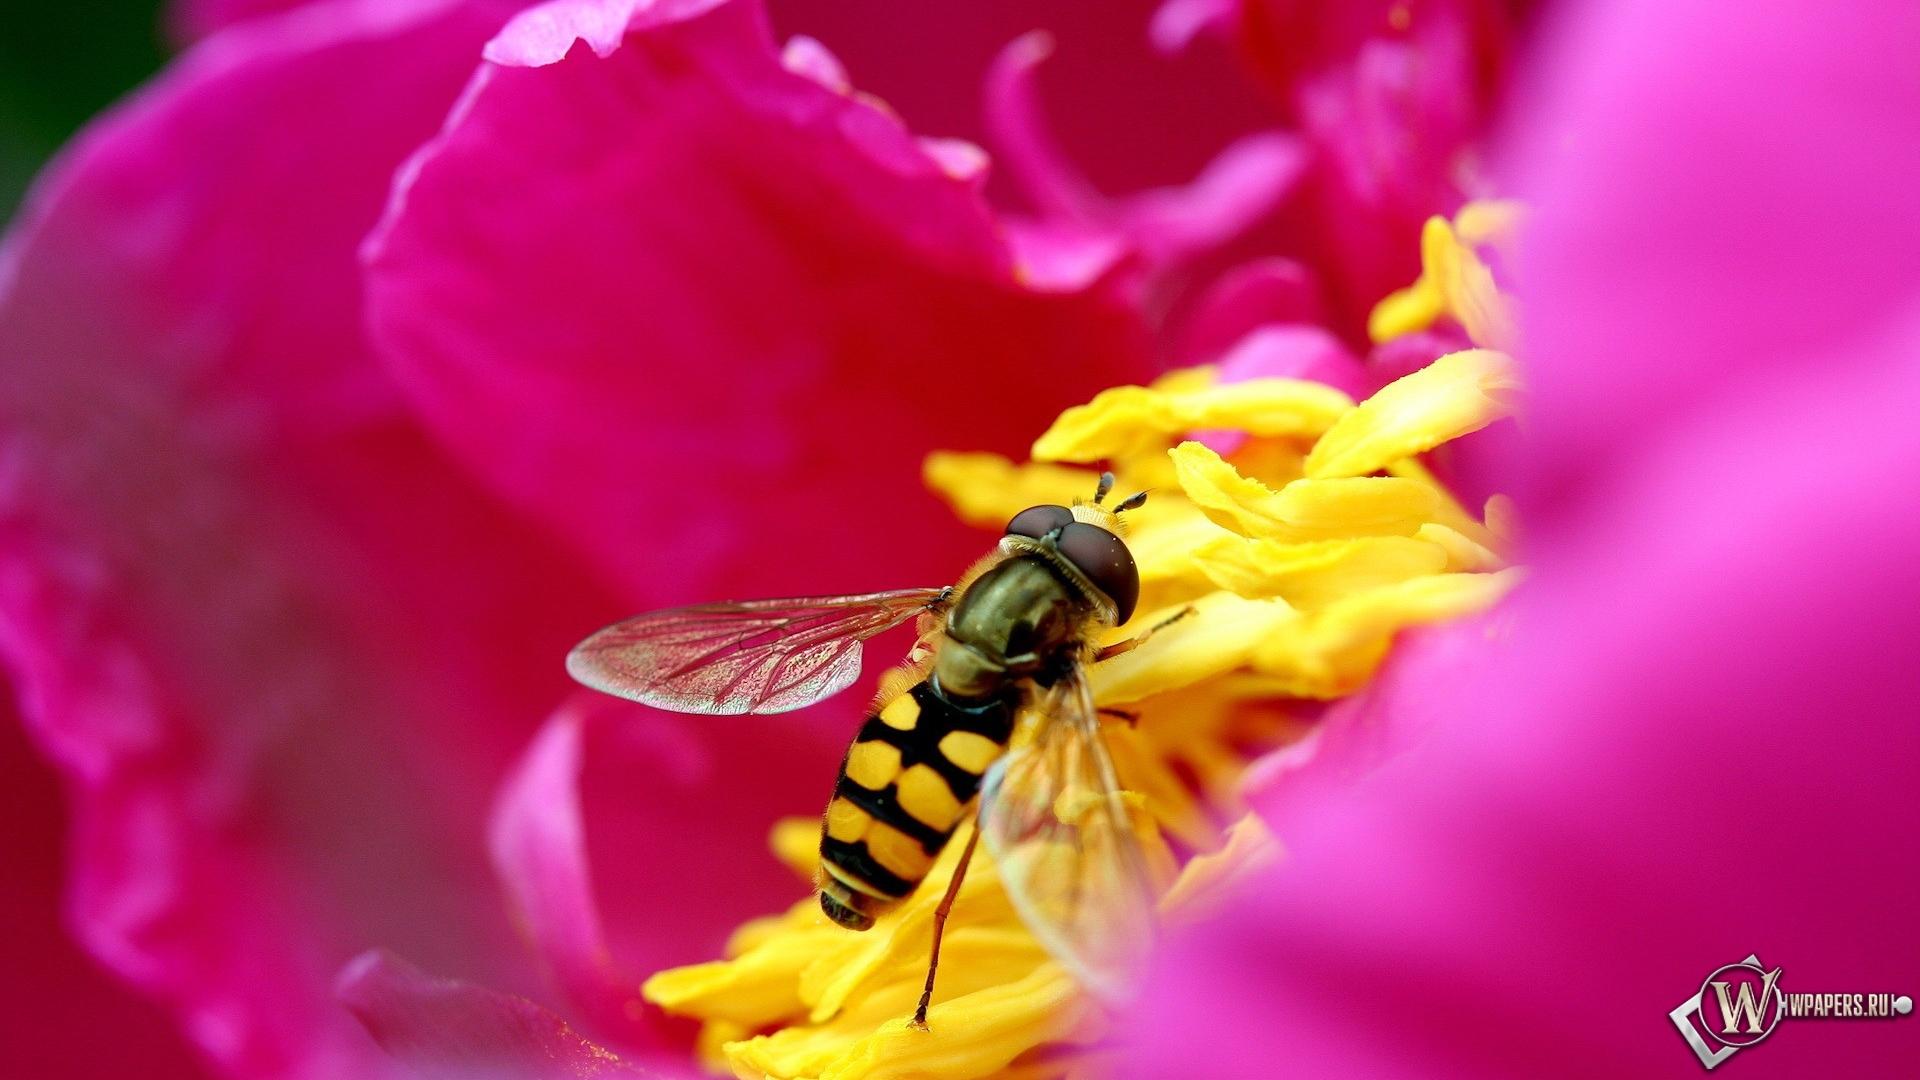 Пчела на цветке 1920x1080